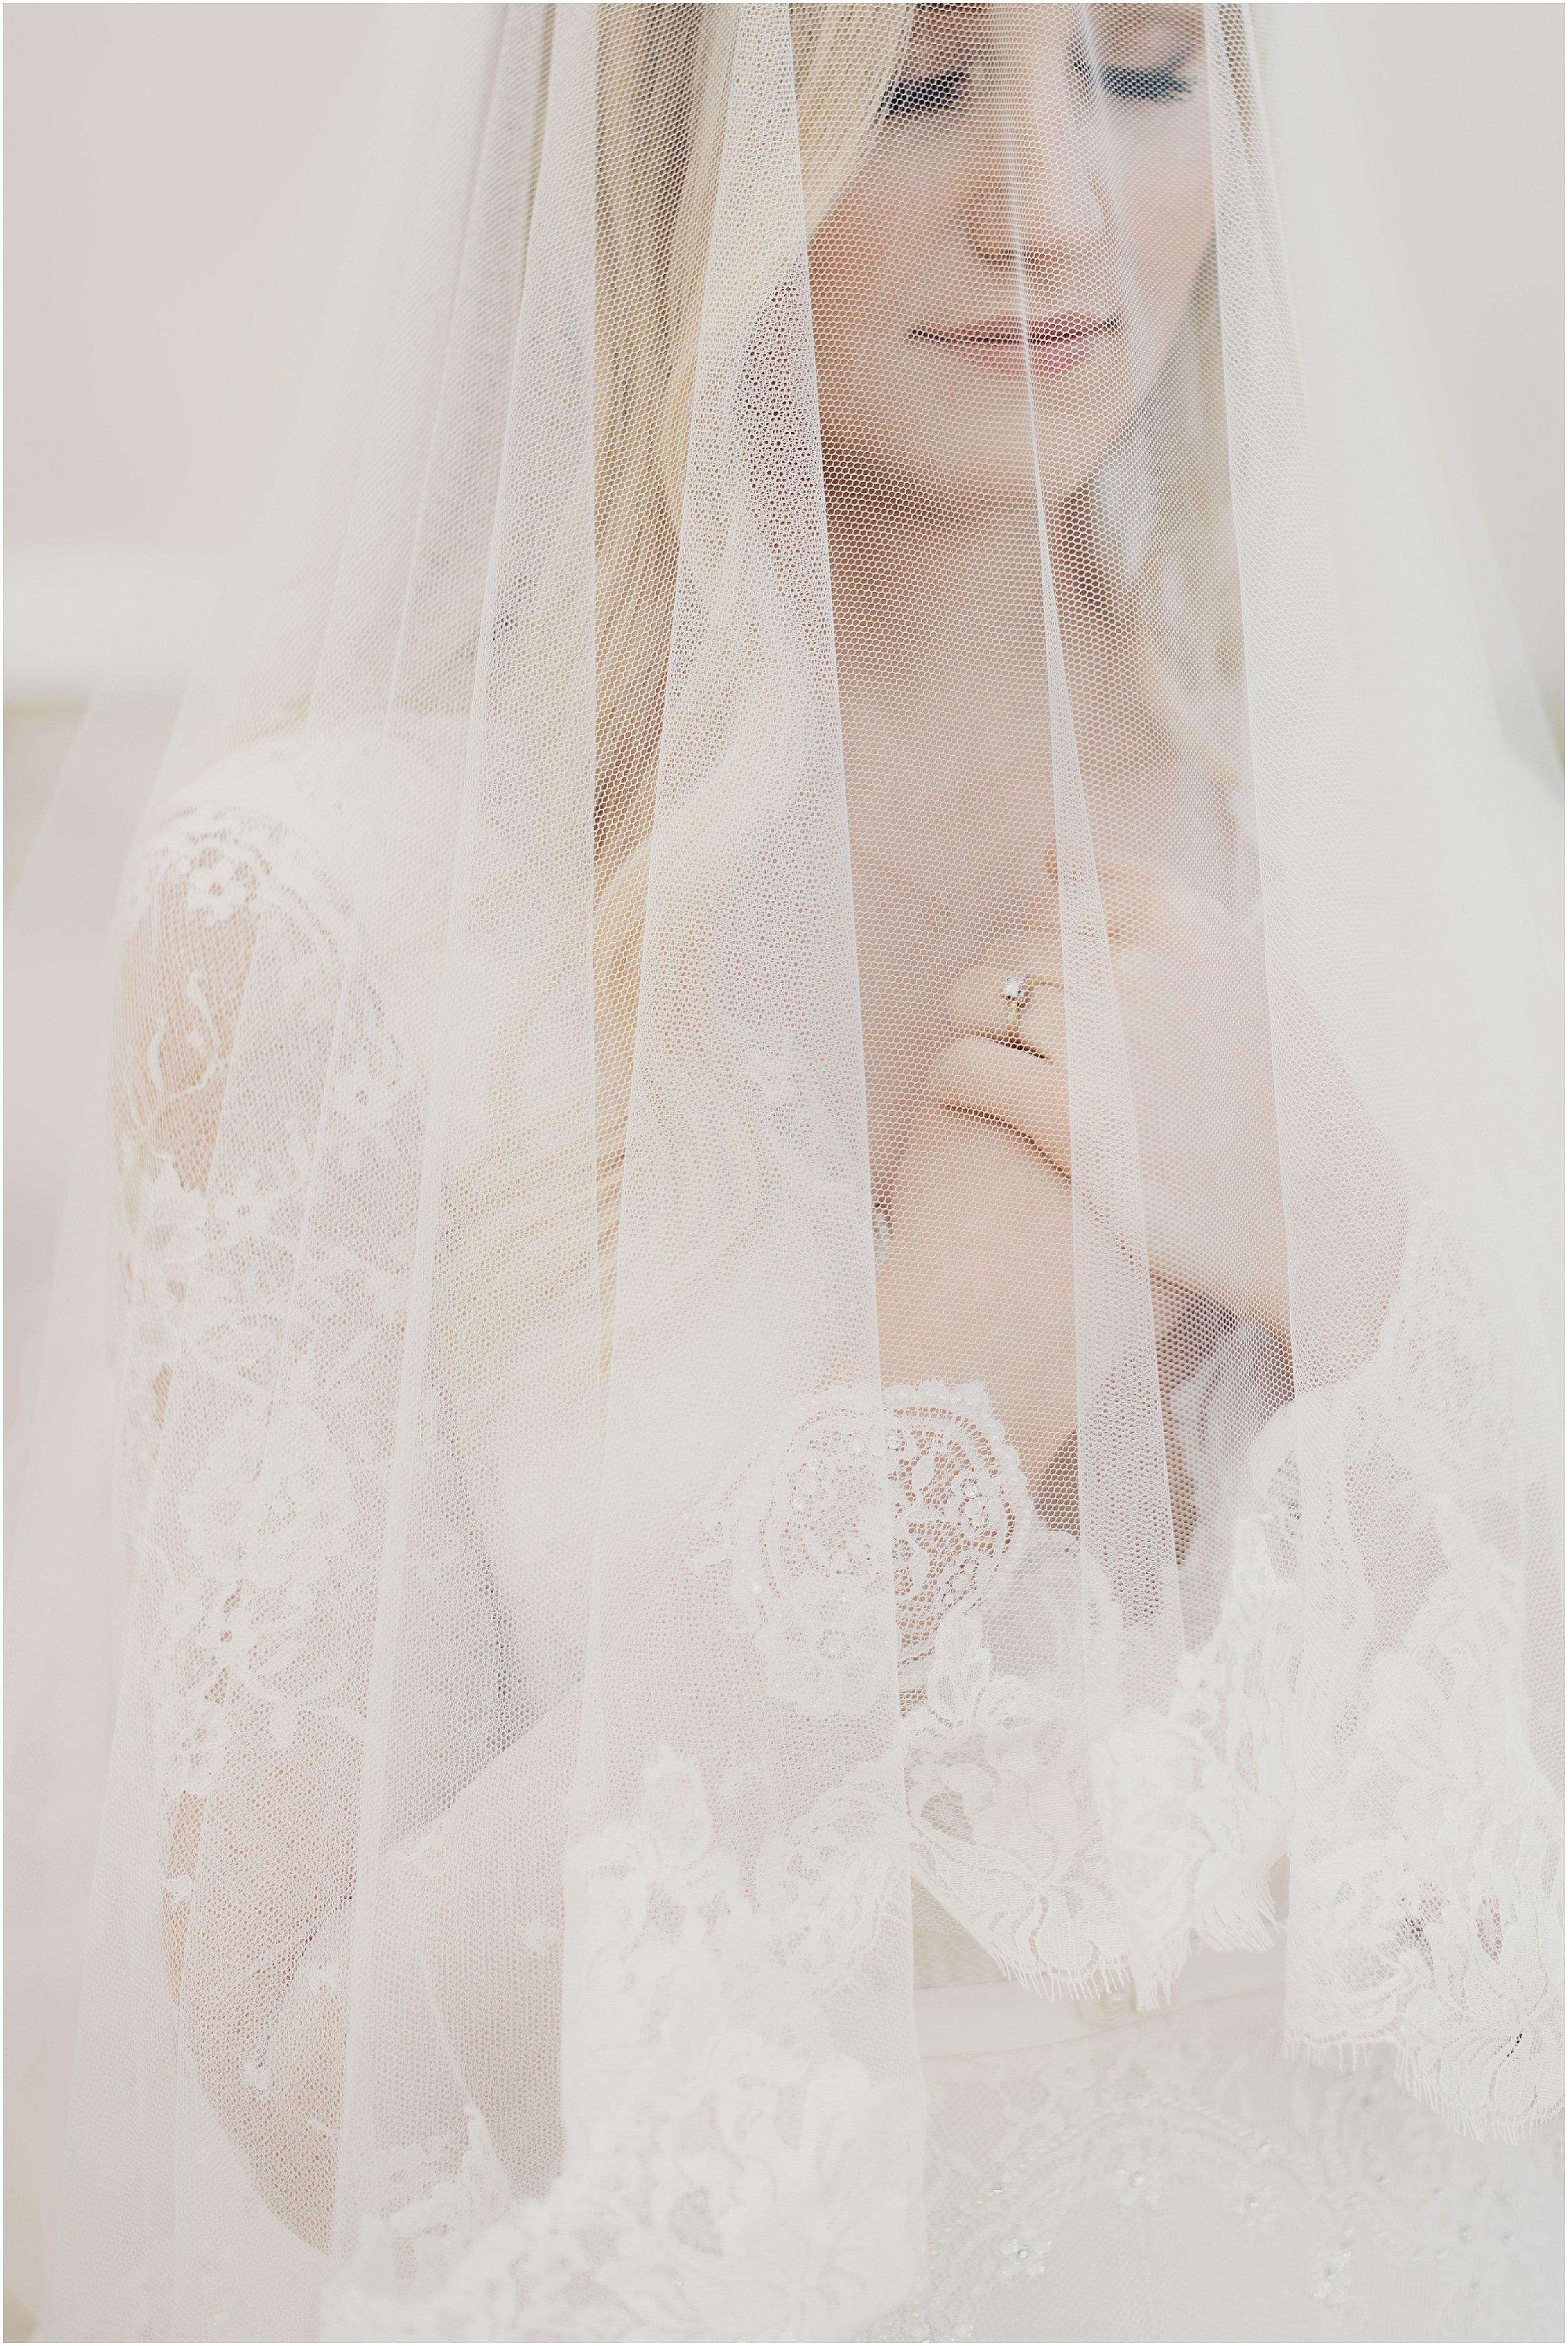 Eden Strader Photography